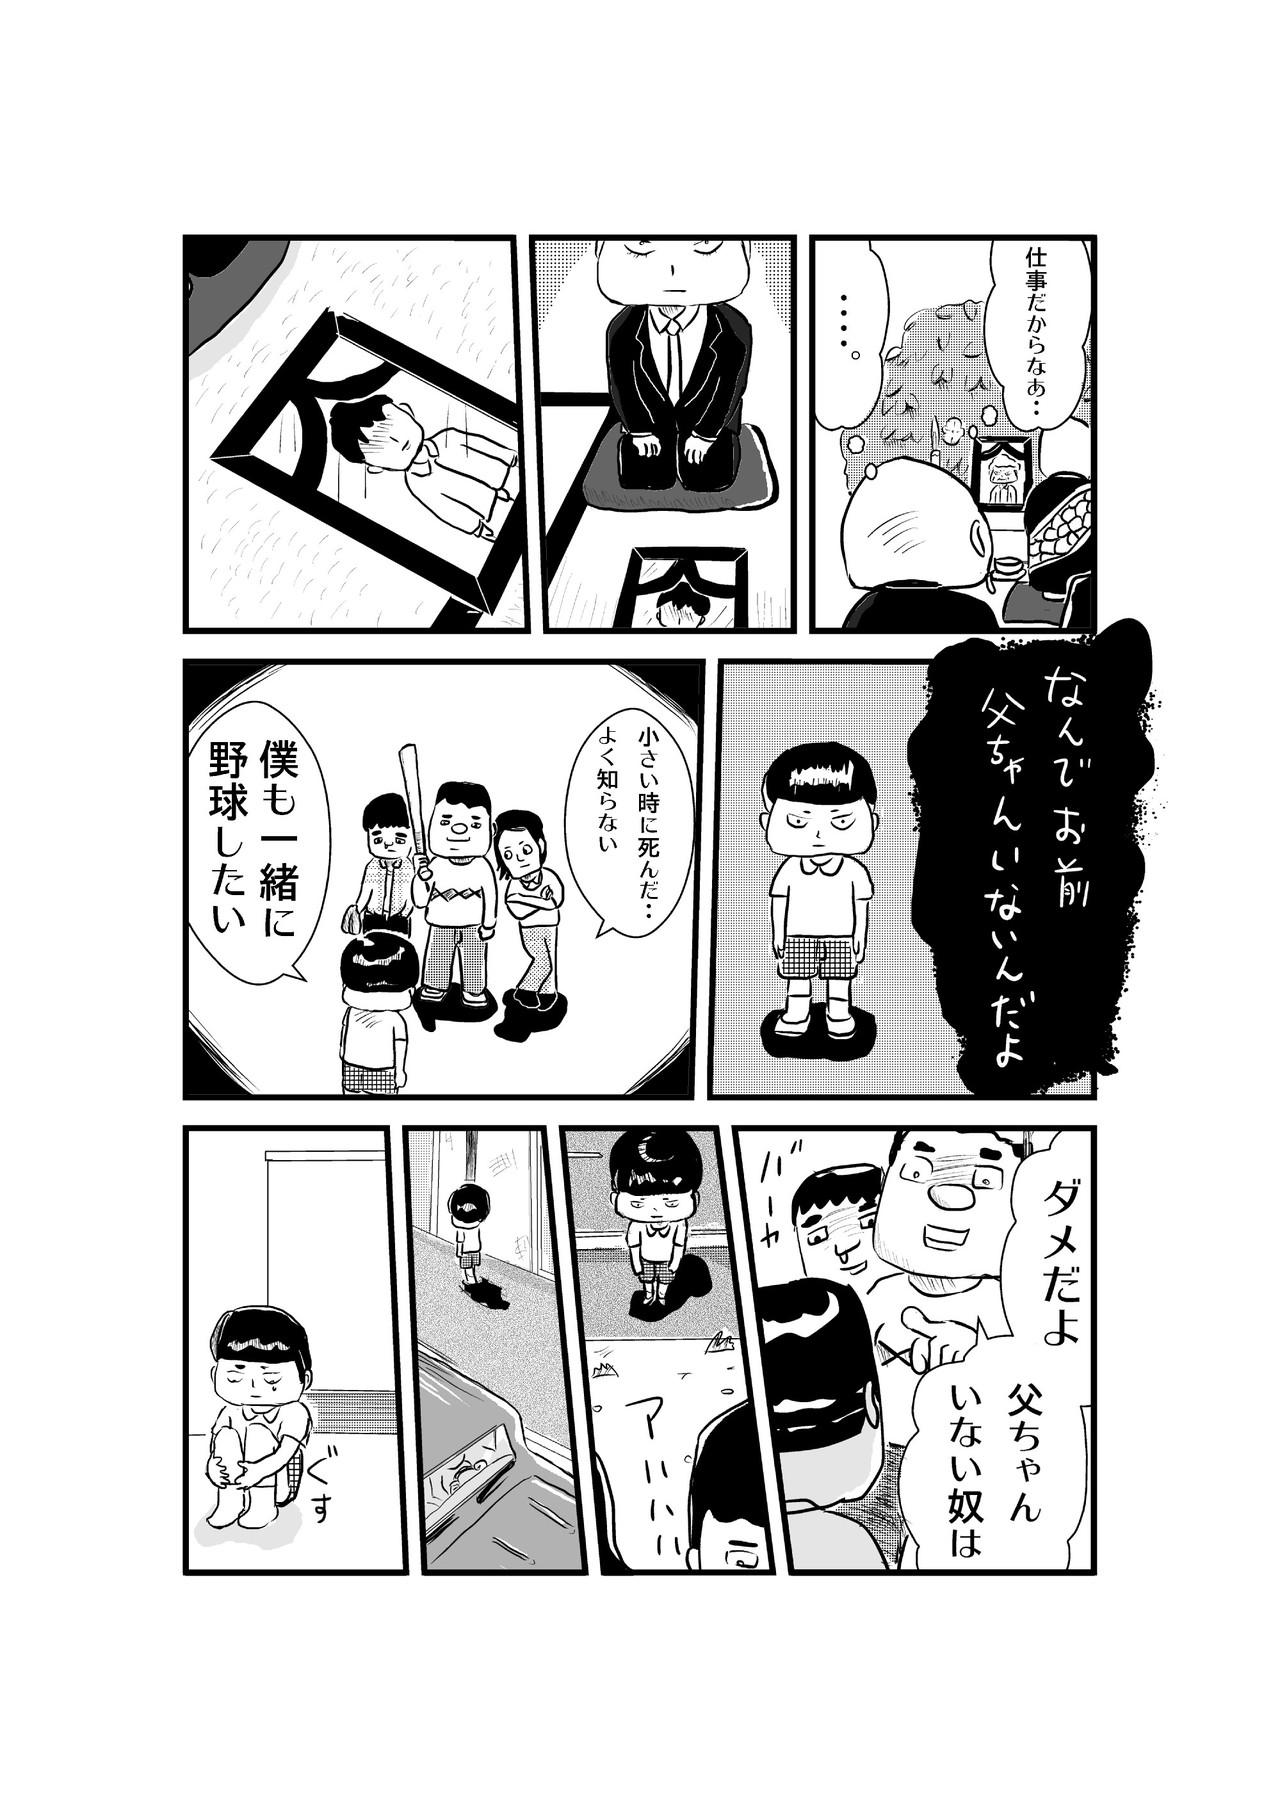 芸人生活 第三十一話 母チャーミングじろうちゃんnote